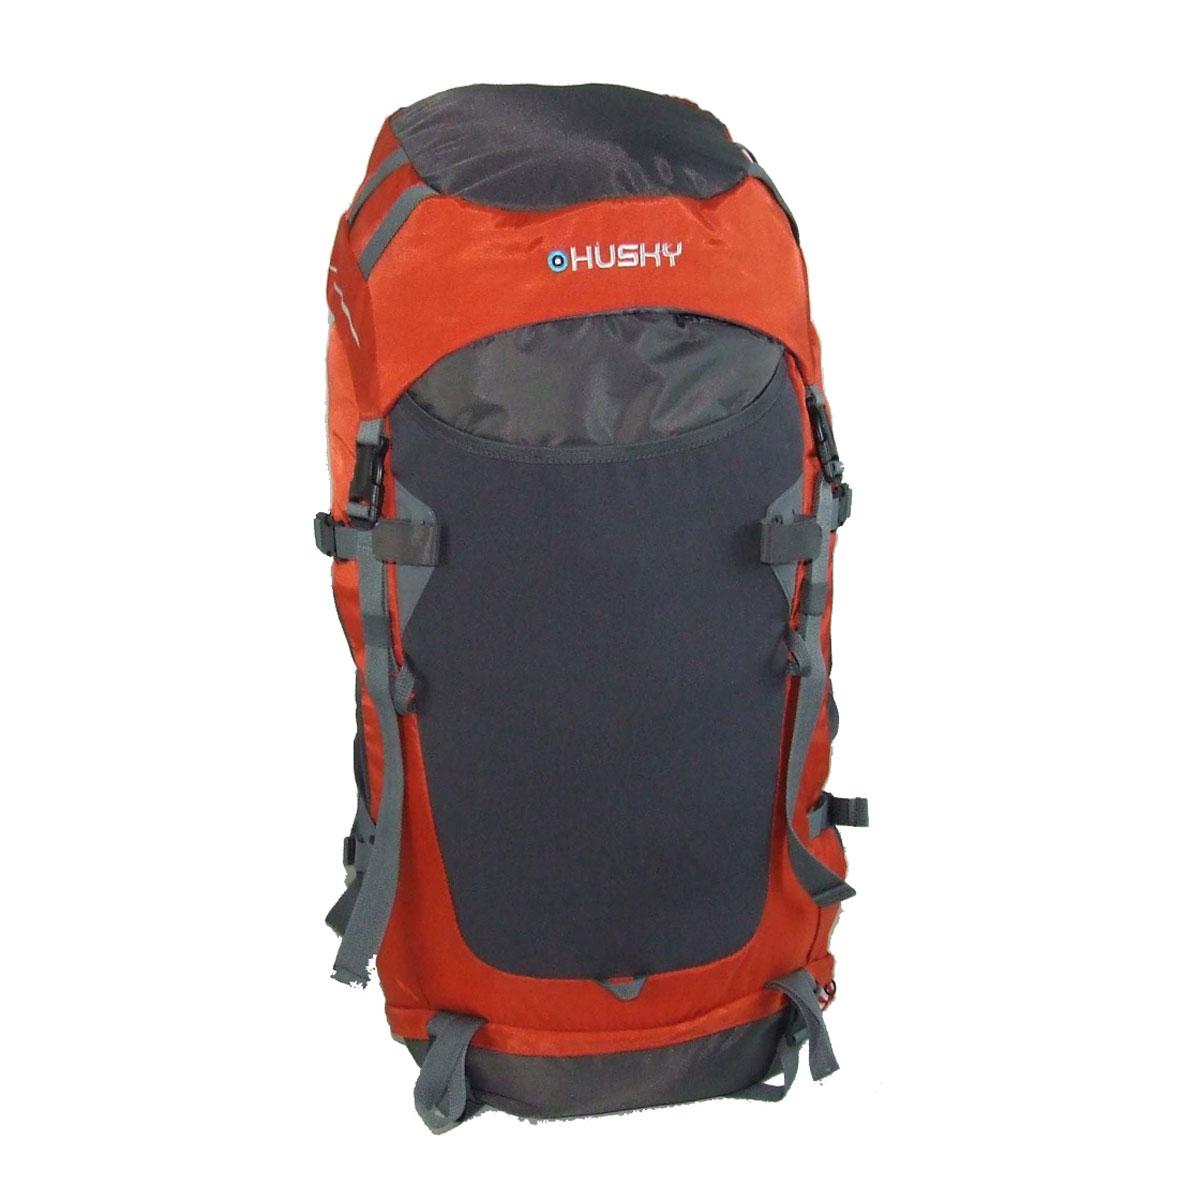 Рюкзак туристический Husky Rony 50, цвет: оранжевыйУТ-000057591Рюкзак туристический Husky Rony 50 станет Вашим незаменимым спутником во время путешествий, отдыха на свежем воздухе или занятий спортом. Вместительное внутреннее отделение, множество внешних карманов вместят все необходимо снаряжение, при этом вес рюкзака равномерно распределяется на вашу спину и плечи благодаря спинке анатомической формы с ребрами жесткости. Удобные плечевые лямки и поясной ремень надежно зафиксируют рюкзак на спине во время сложного похода. Особенности: два отделения с боковым входом, водонепроницаемая легкая ткань, жесткая спина из пластика EVA, дюралюминиевые вставки, боковые карманы-сетки, держатели для палок, ледоруба, регулируемая крышка-карман, накидка от дождя, молнии YKK, система вентиляции спины ETS, место для гидратора, светоотражающие элементы, материал: Нейлон 420D 100T, нейлон RipStop 200D W/P.